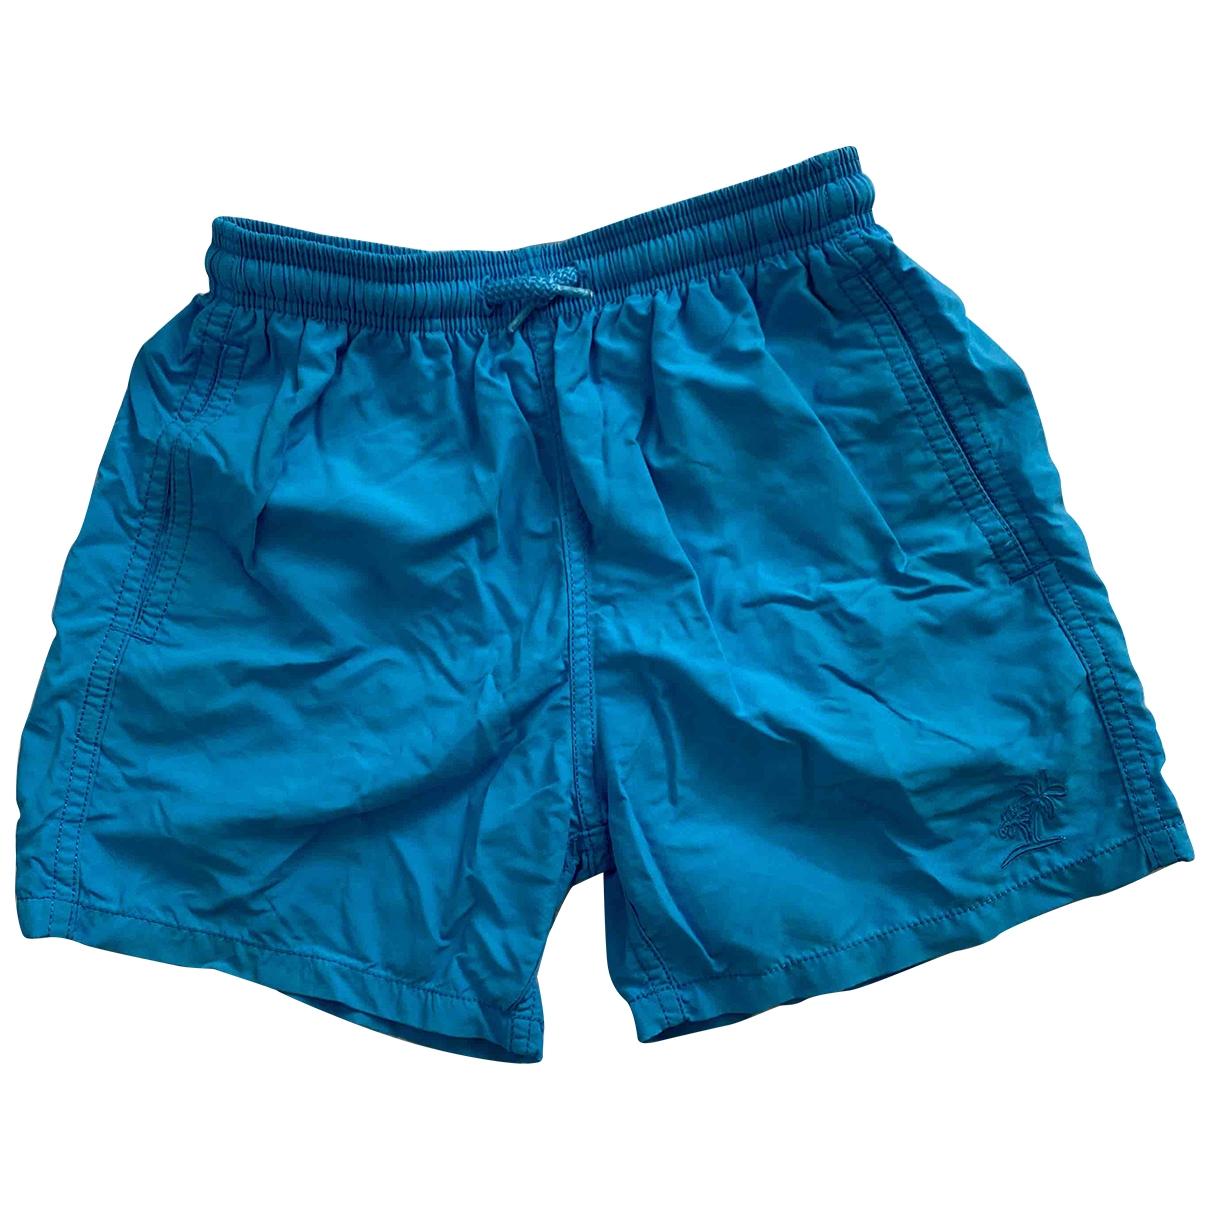 Pantalon corto Vilebrequin